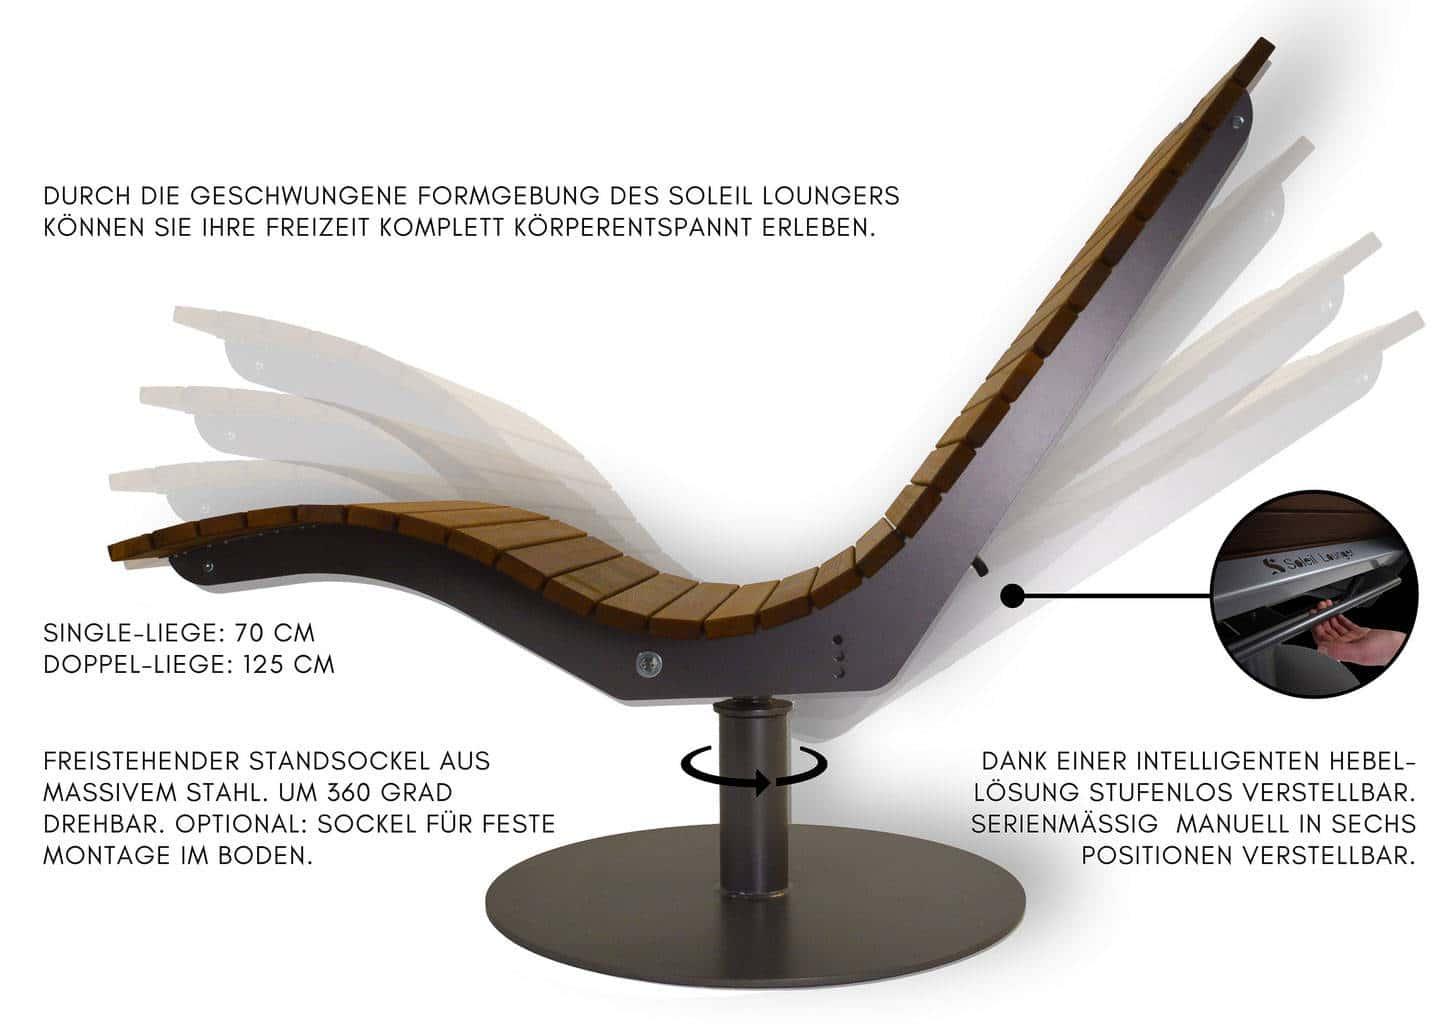 Skizze der SoleilLounger Funktionen